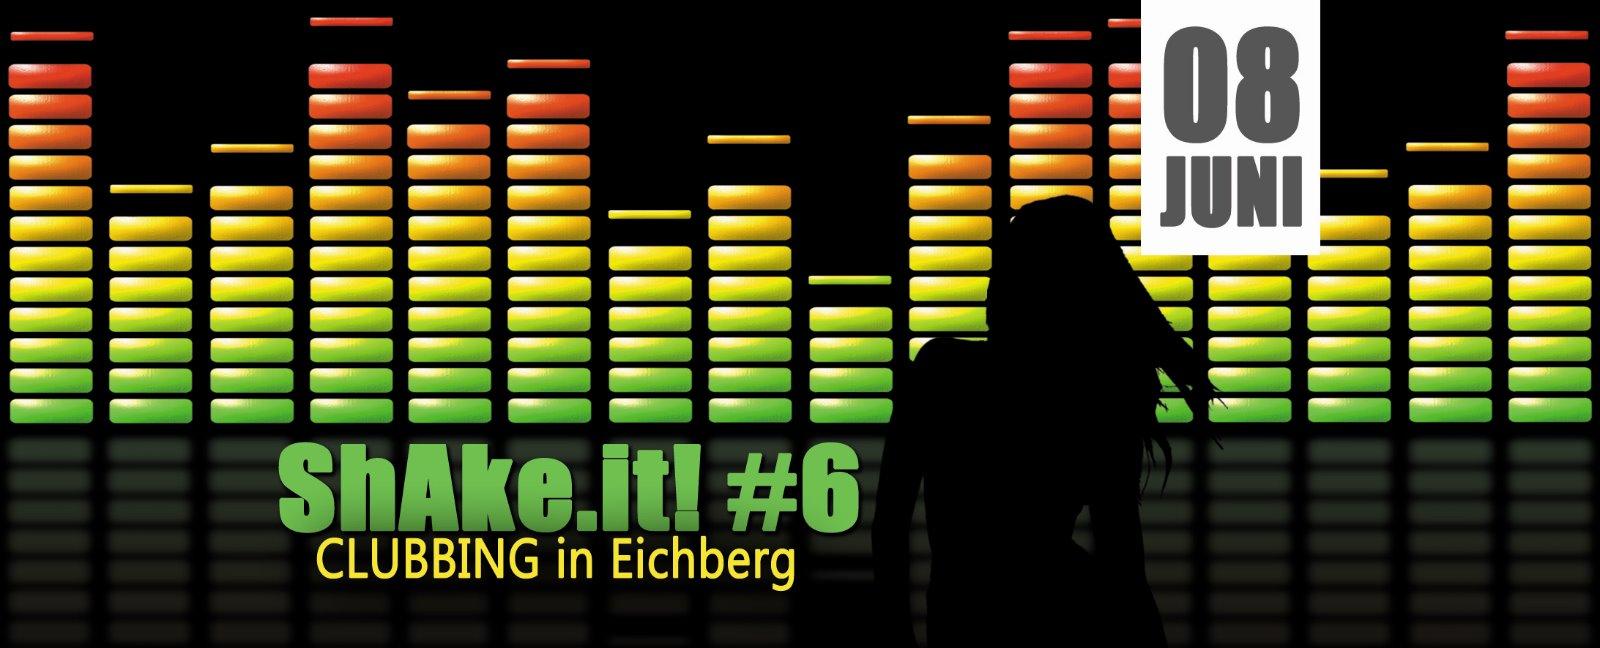 Vorankündigung ShAke.it!#6